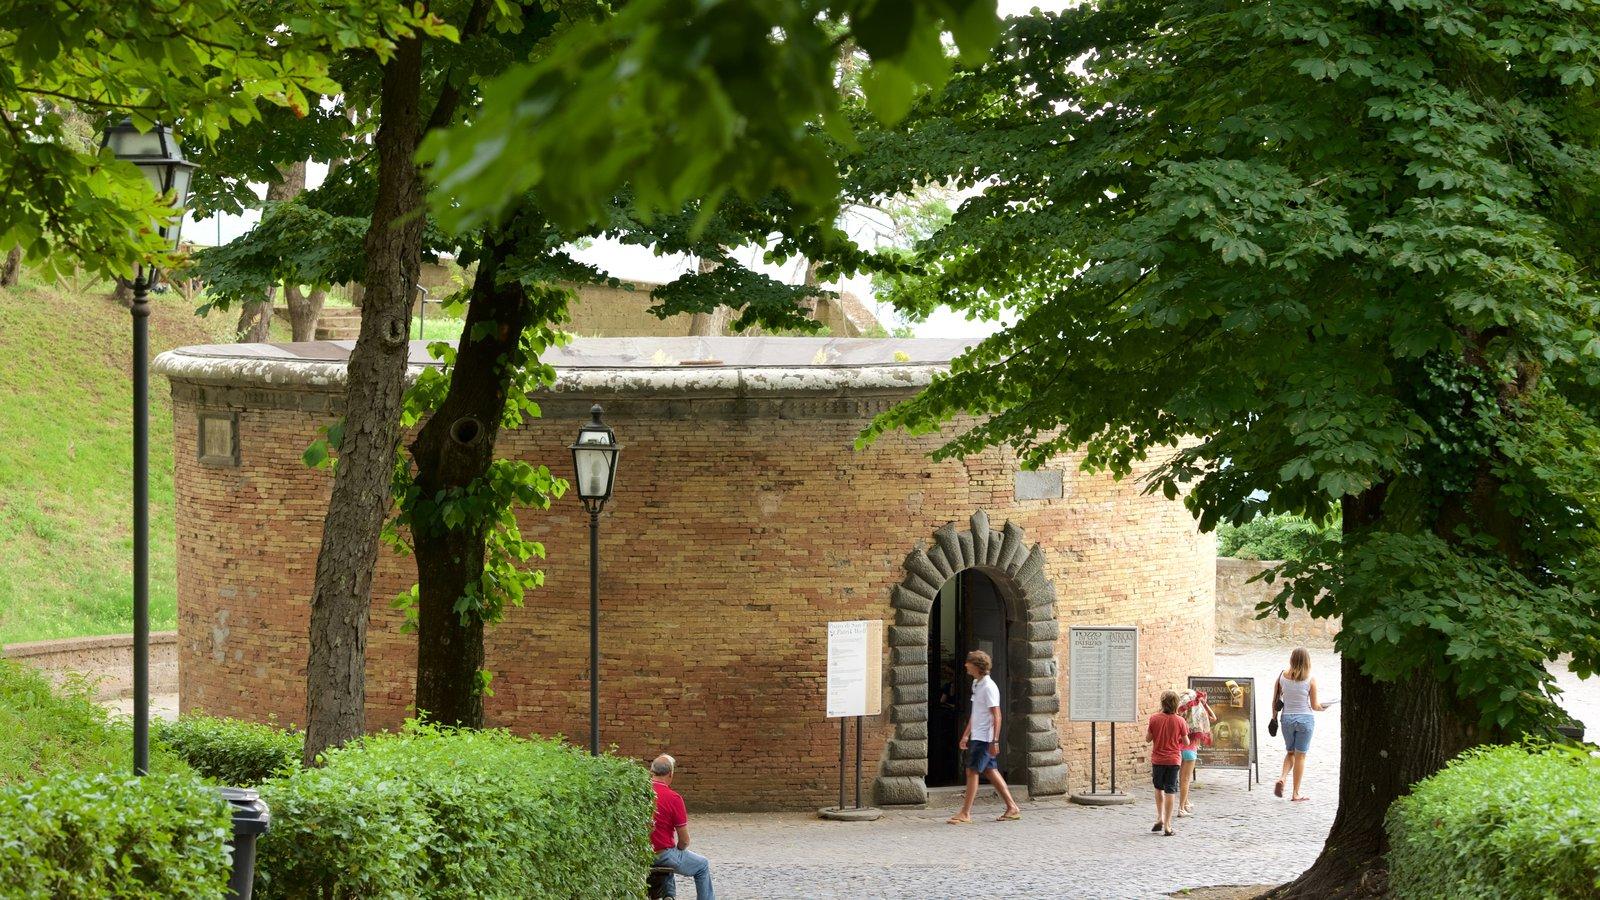 Poço de São Patrício mostrando arquitetura de patrimônio e elementos de patrimônio assim como um pequeno grupo de pessoas